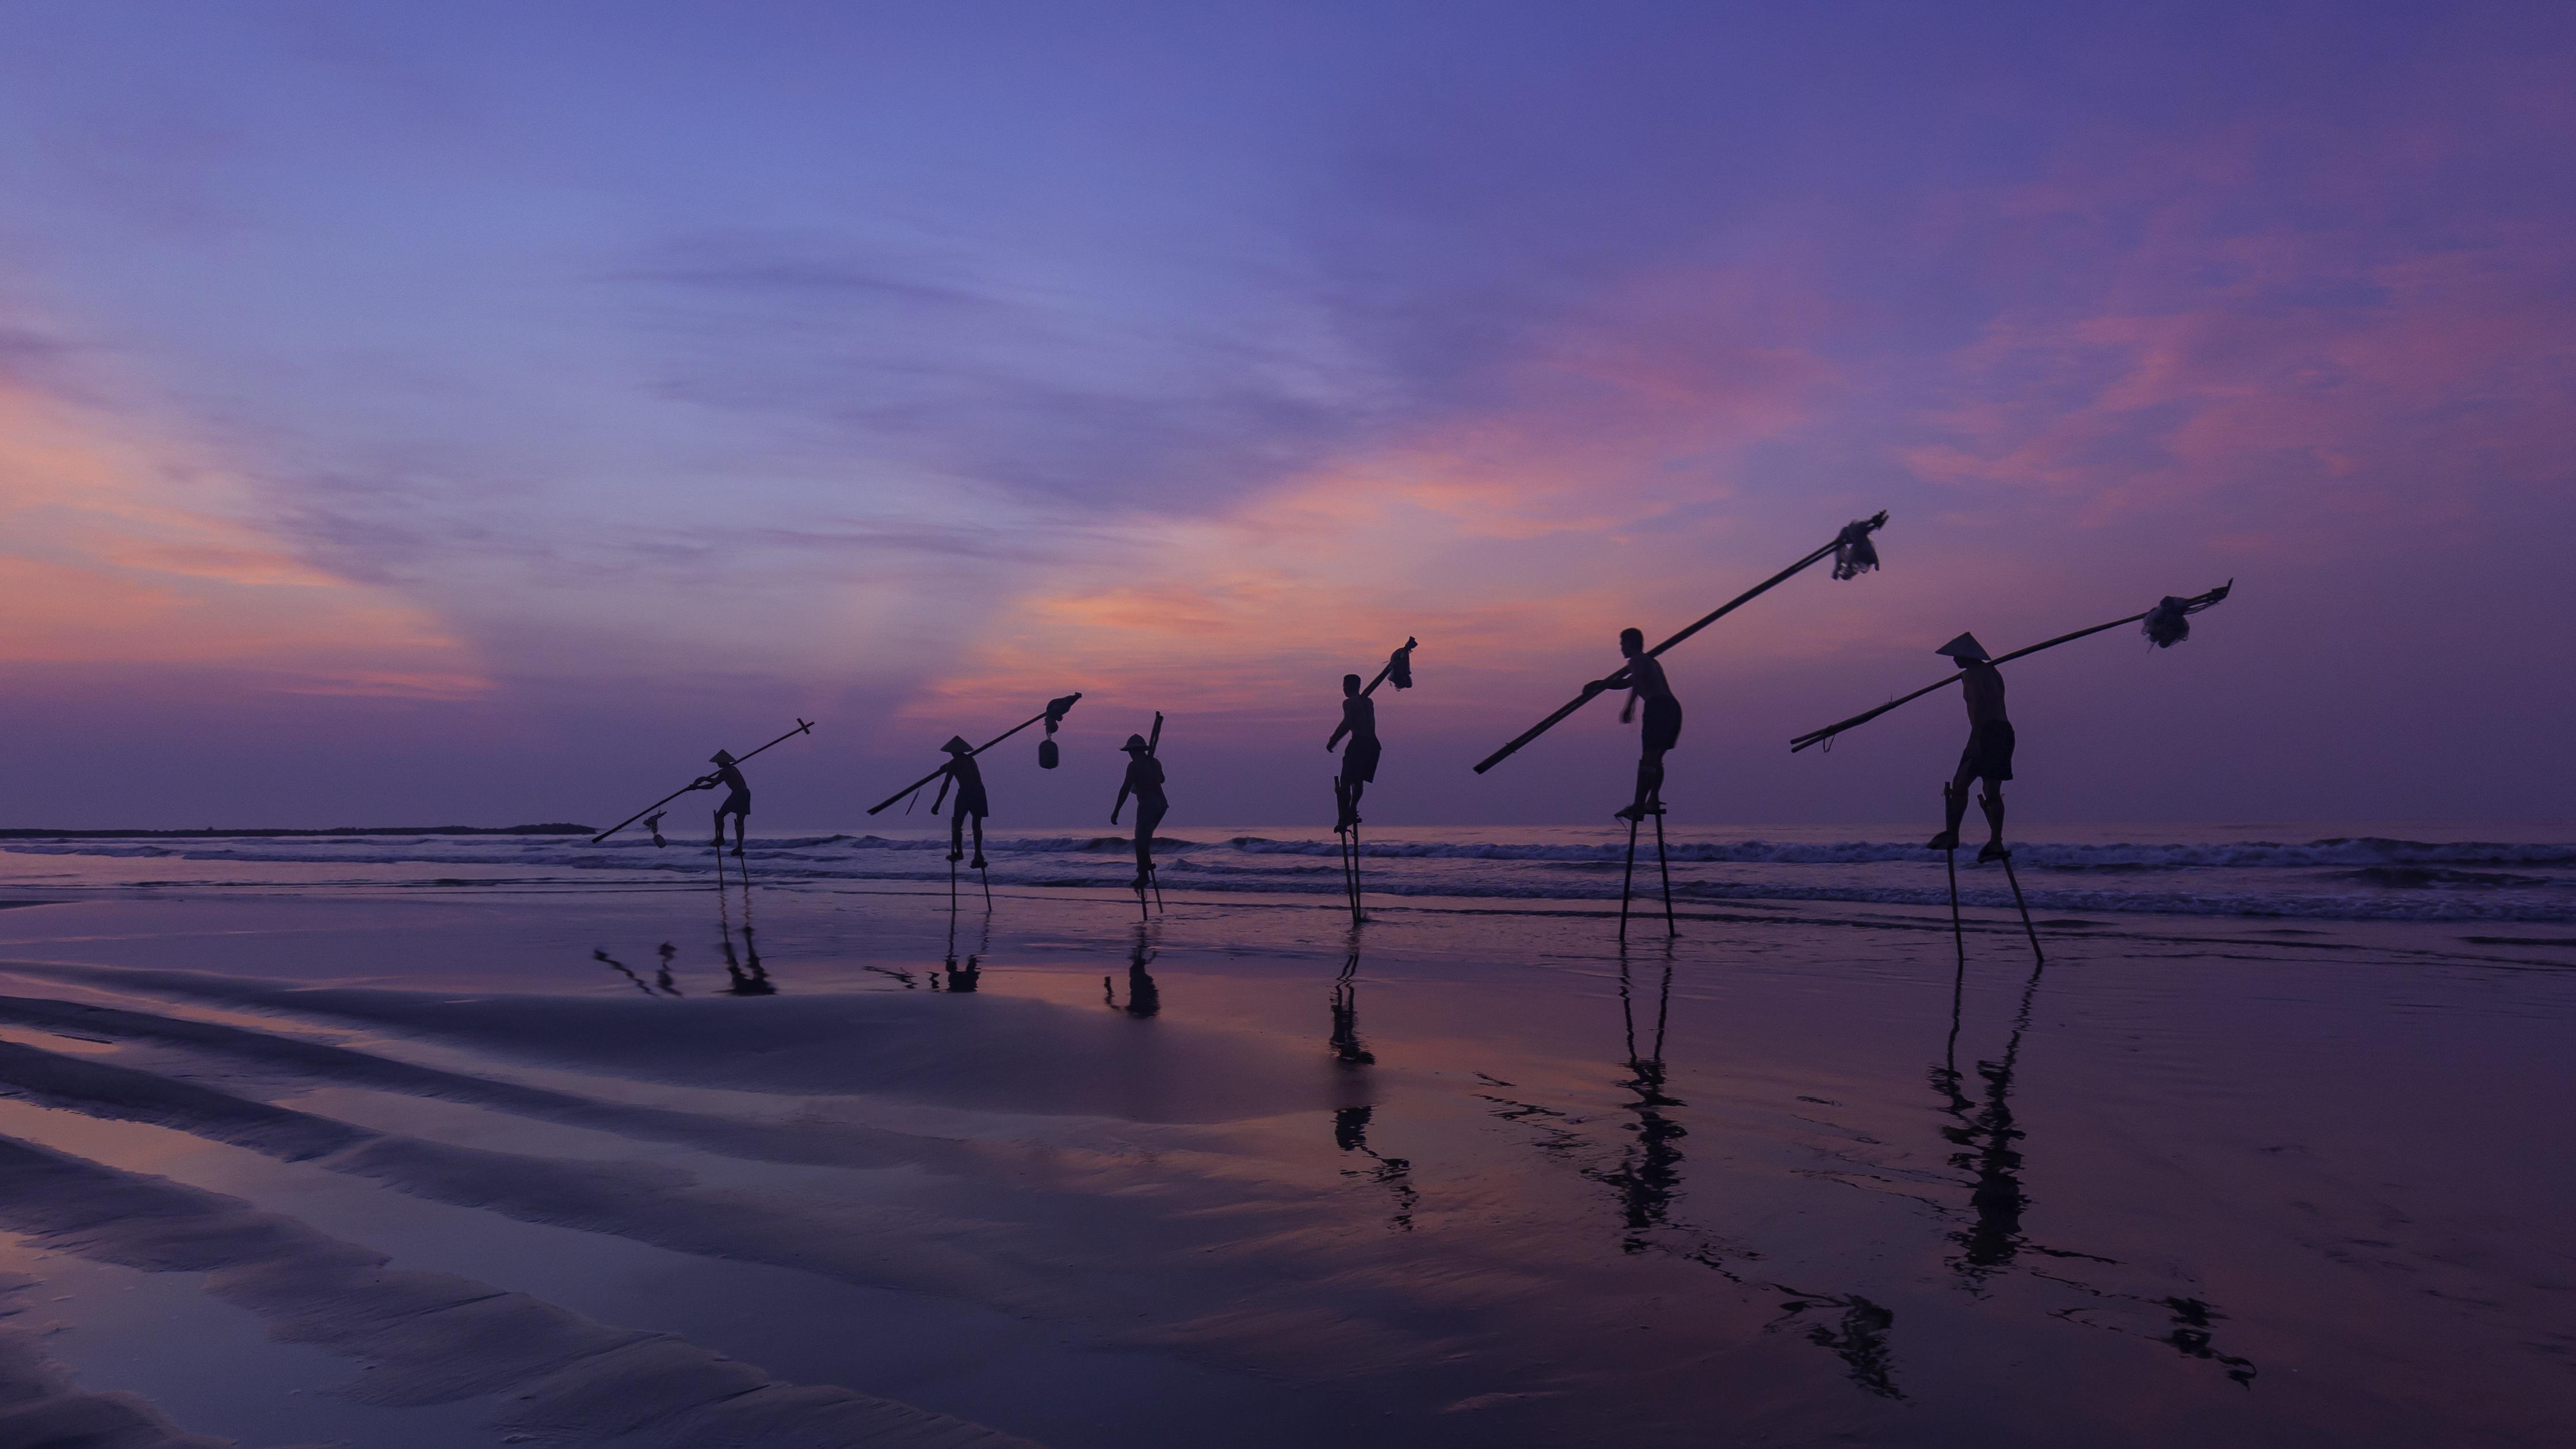 Nhiếp ảnh gia Trần Tuấn Việt: Người mang sứ mệnh đưa hình ảnh Việt Nam đến với thế giới - 5